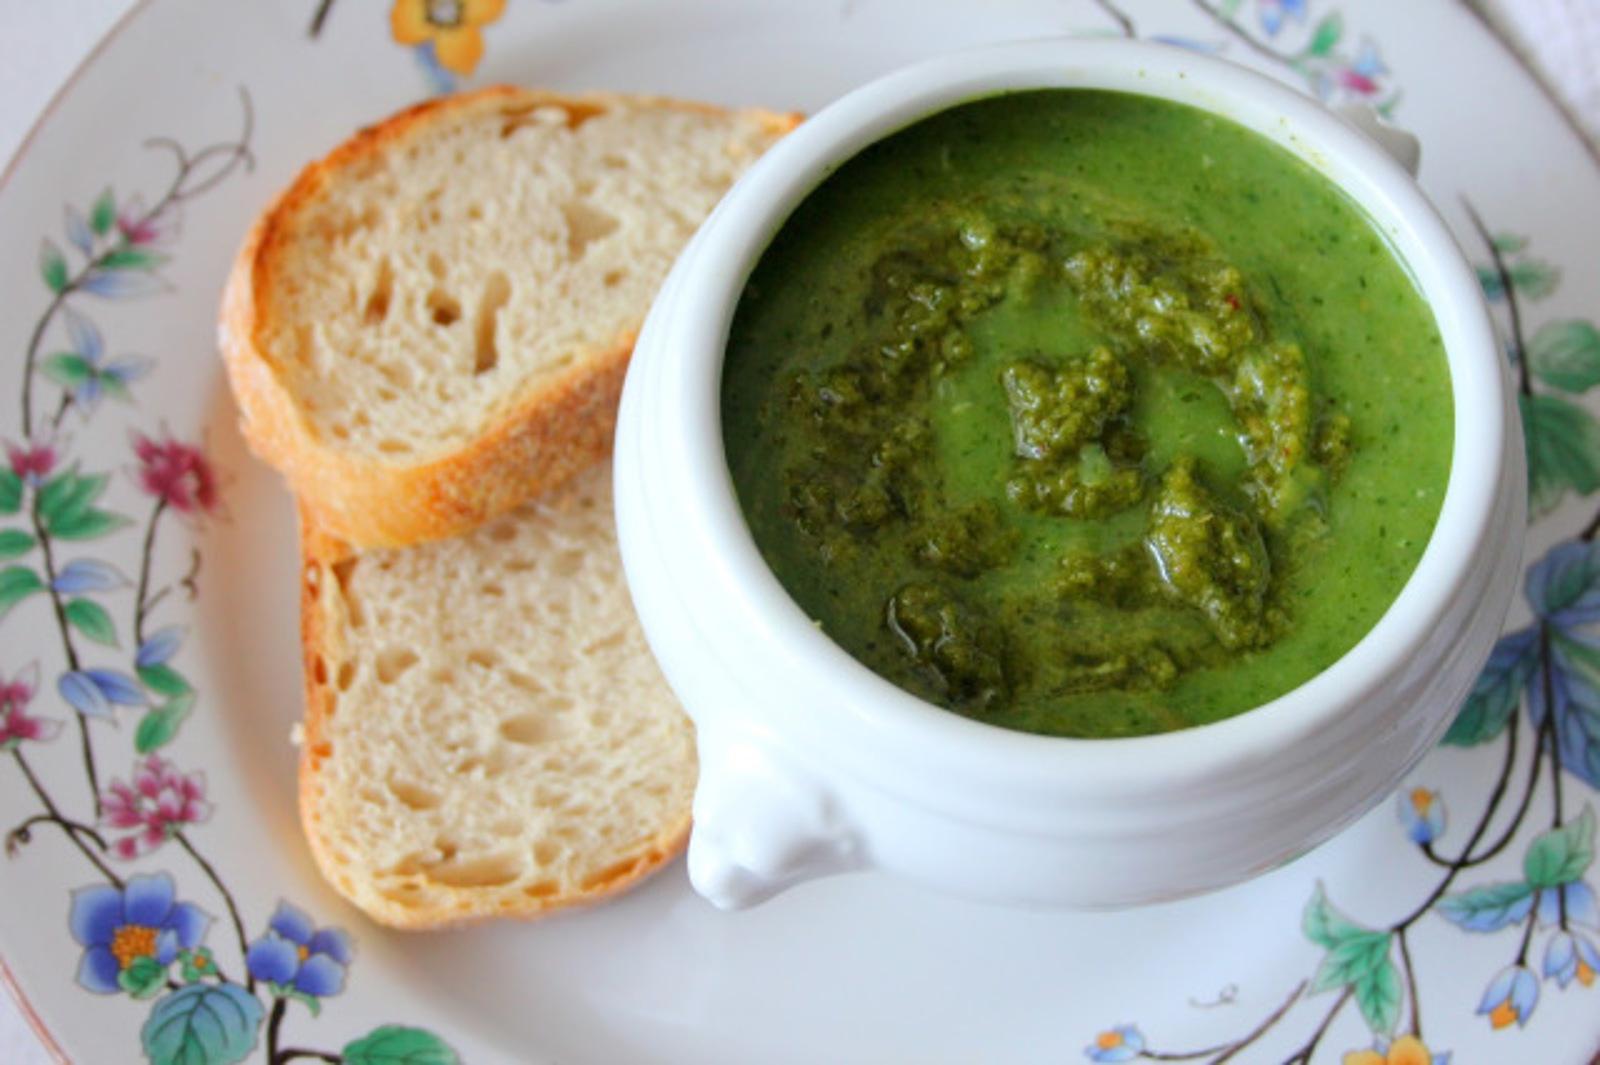 10 Simple Meal Ideas for Easy Breezy Summer Sundays